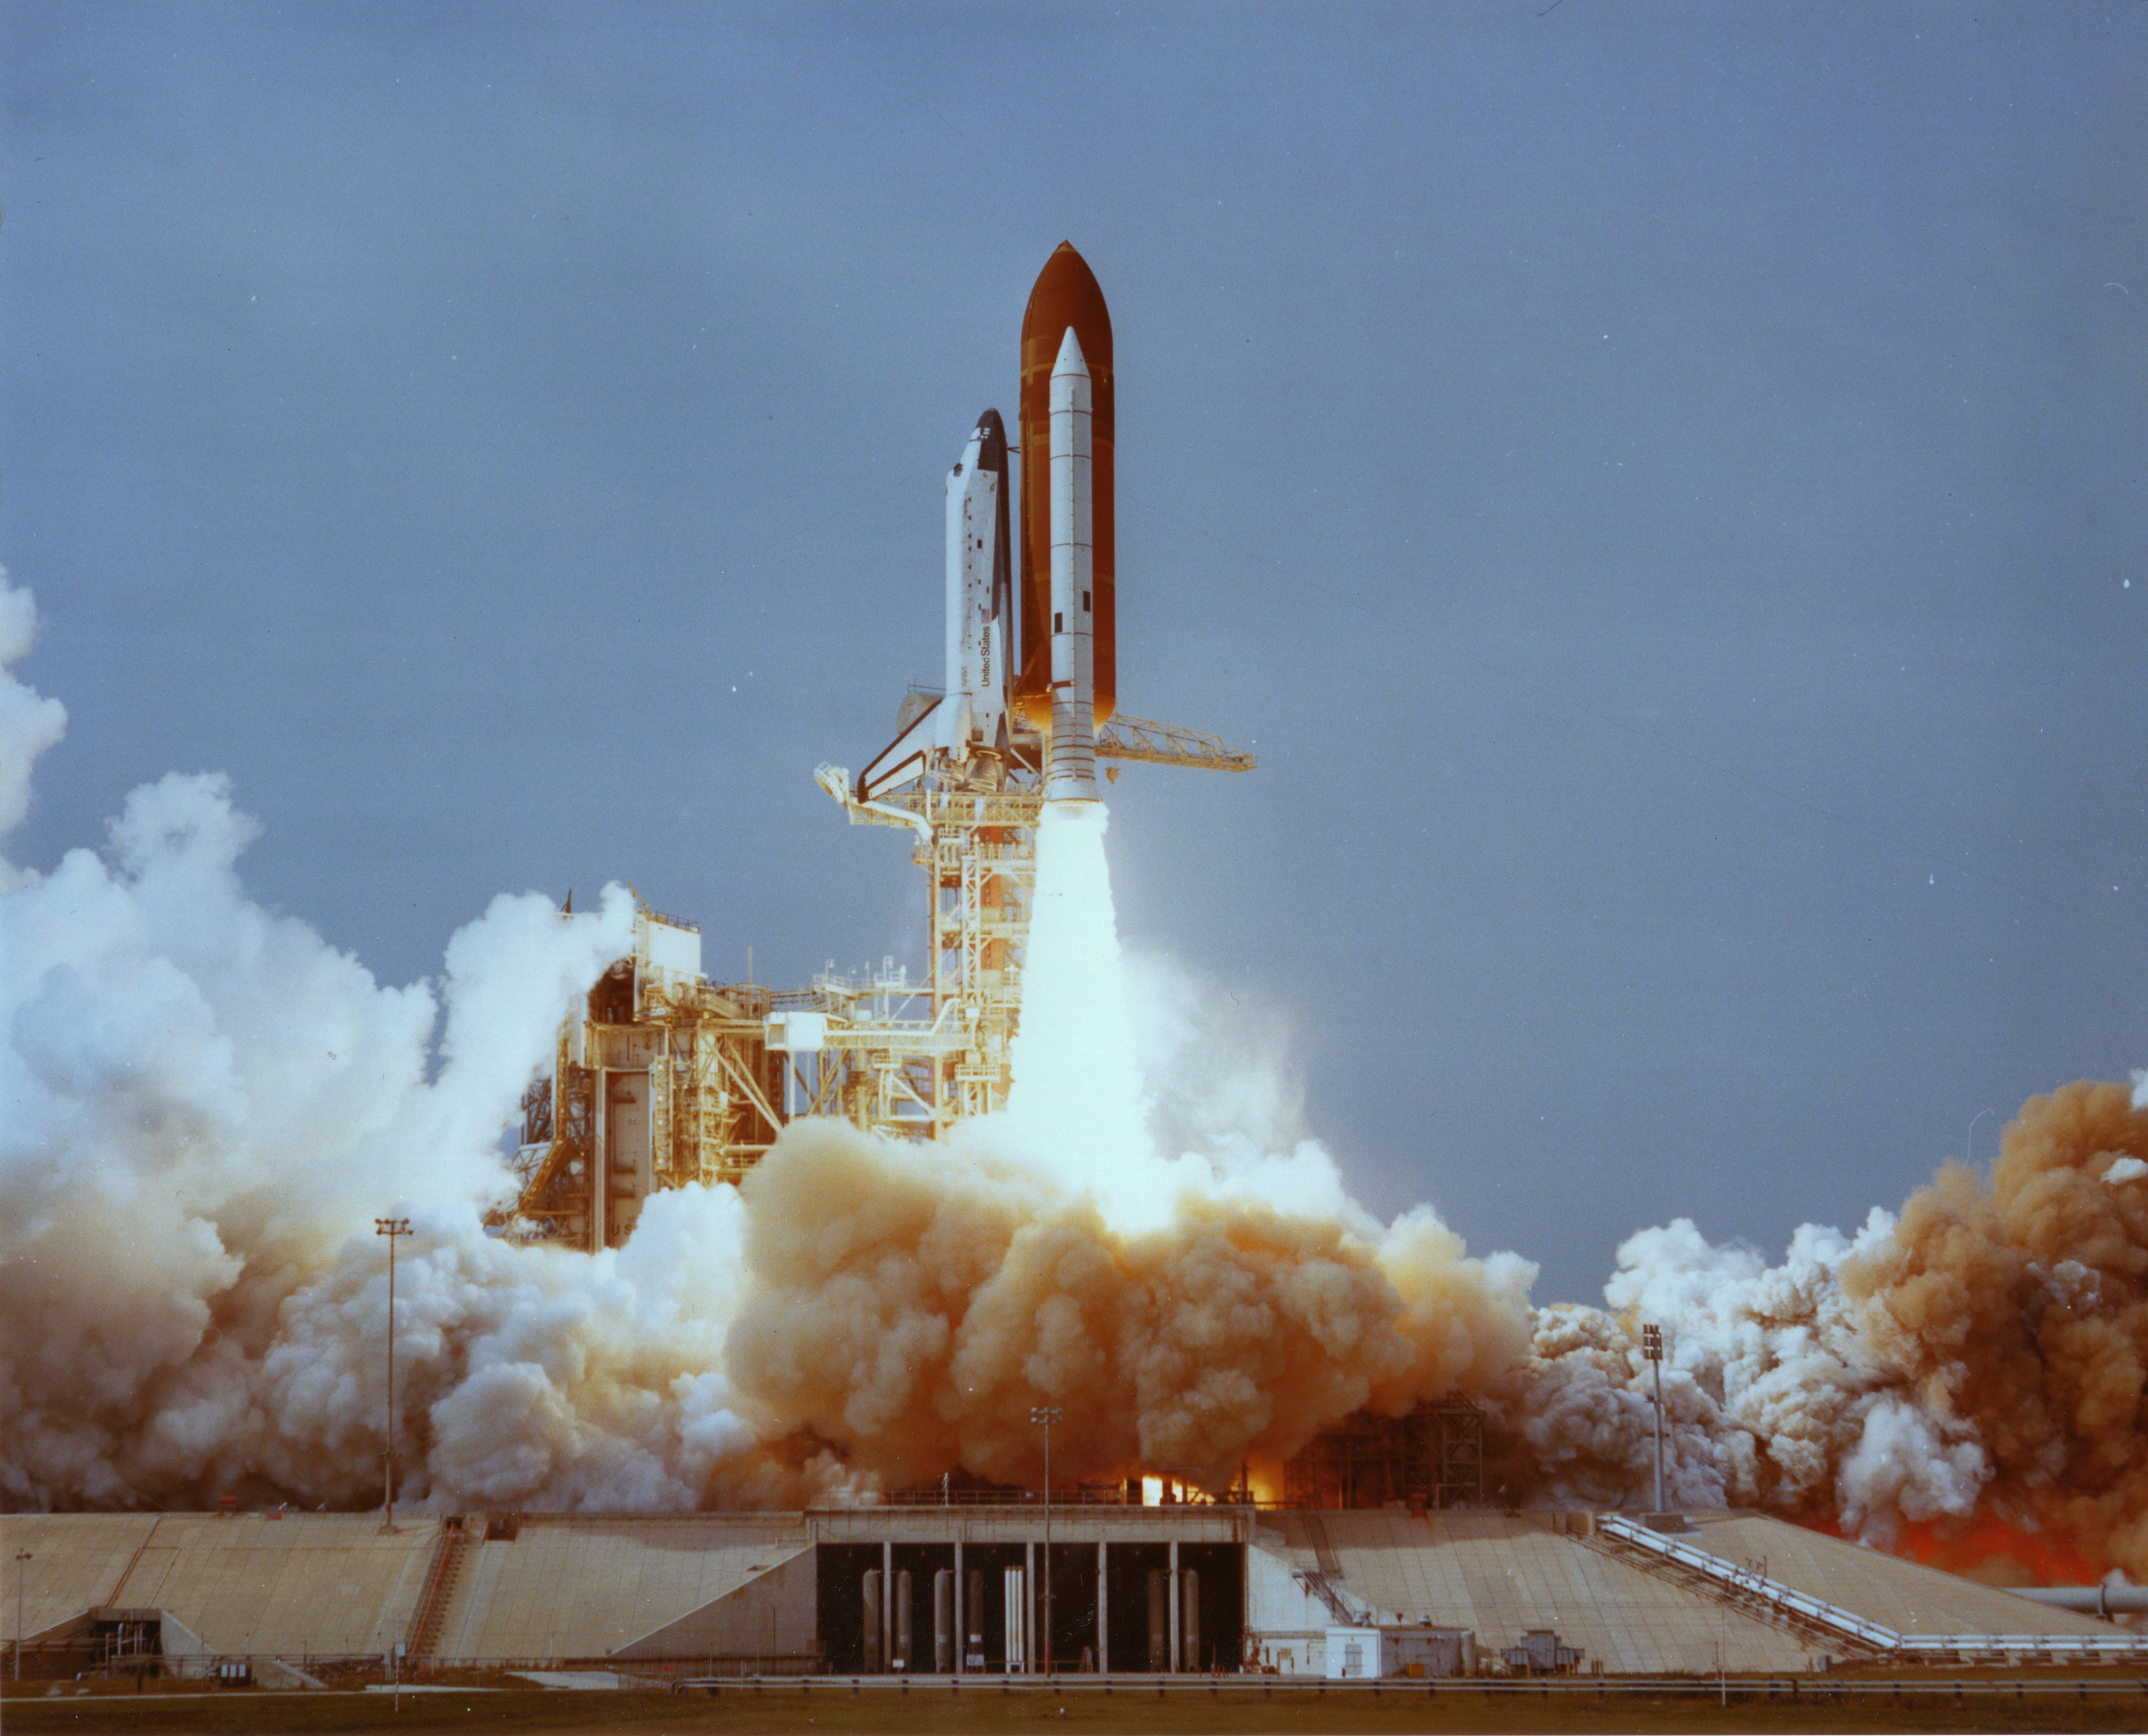 Lanzamiento de la STS-9 COlumbia en 1983 (NASA).